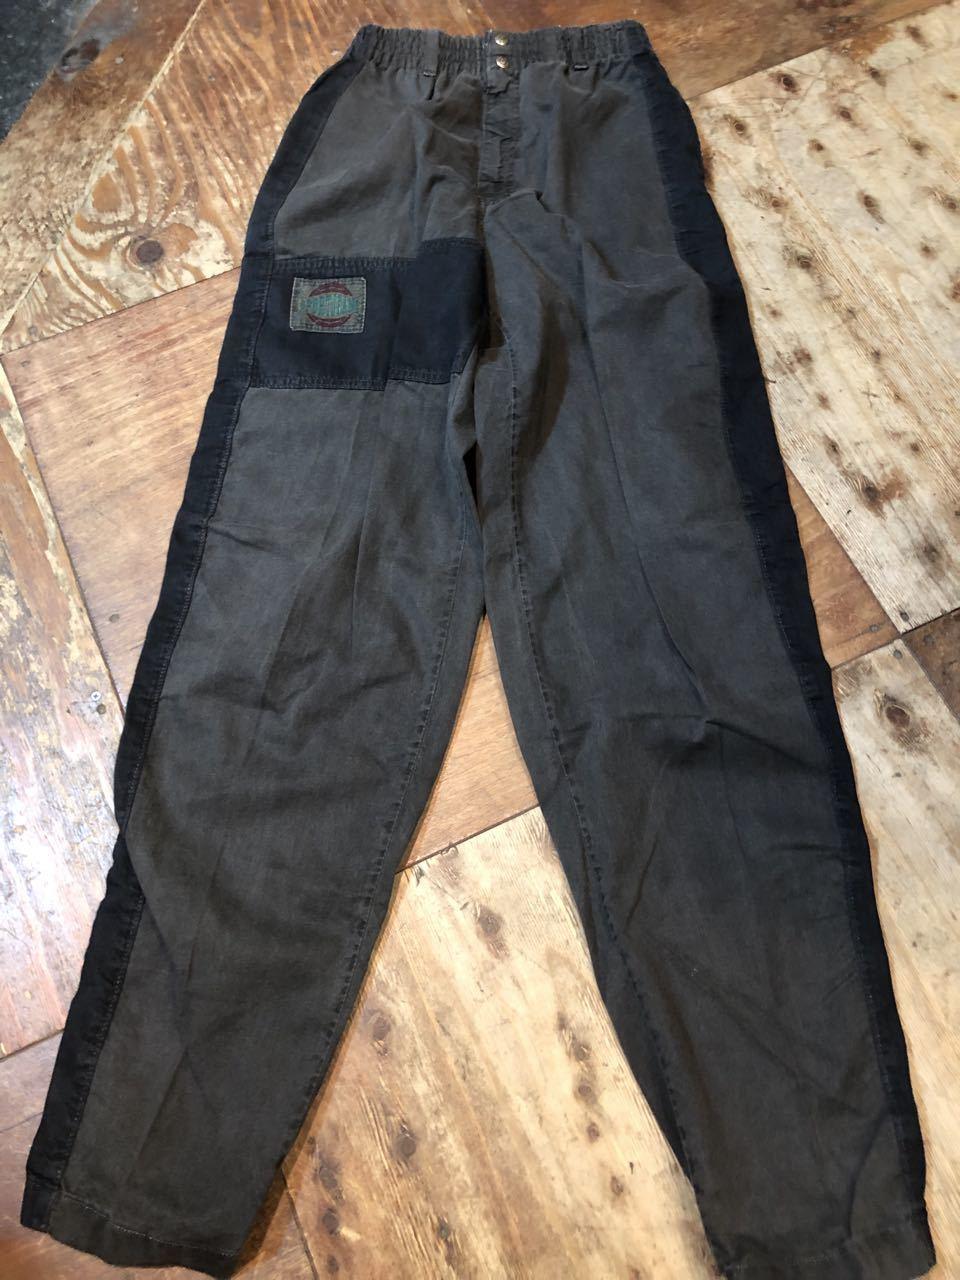 4月27日(土)入荷!デッドストック MADE IN U.S.A 80s~Levi\'s Sports Jeans_c0144020_13540178.jpg